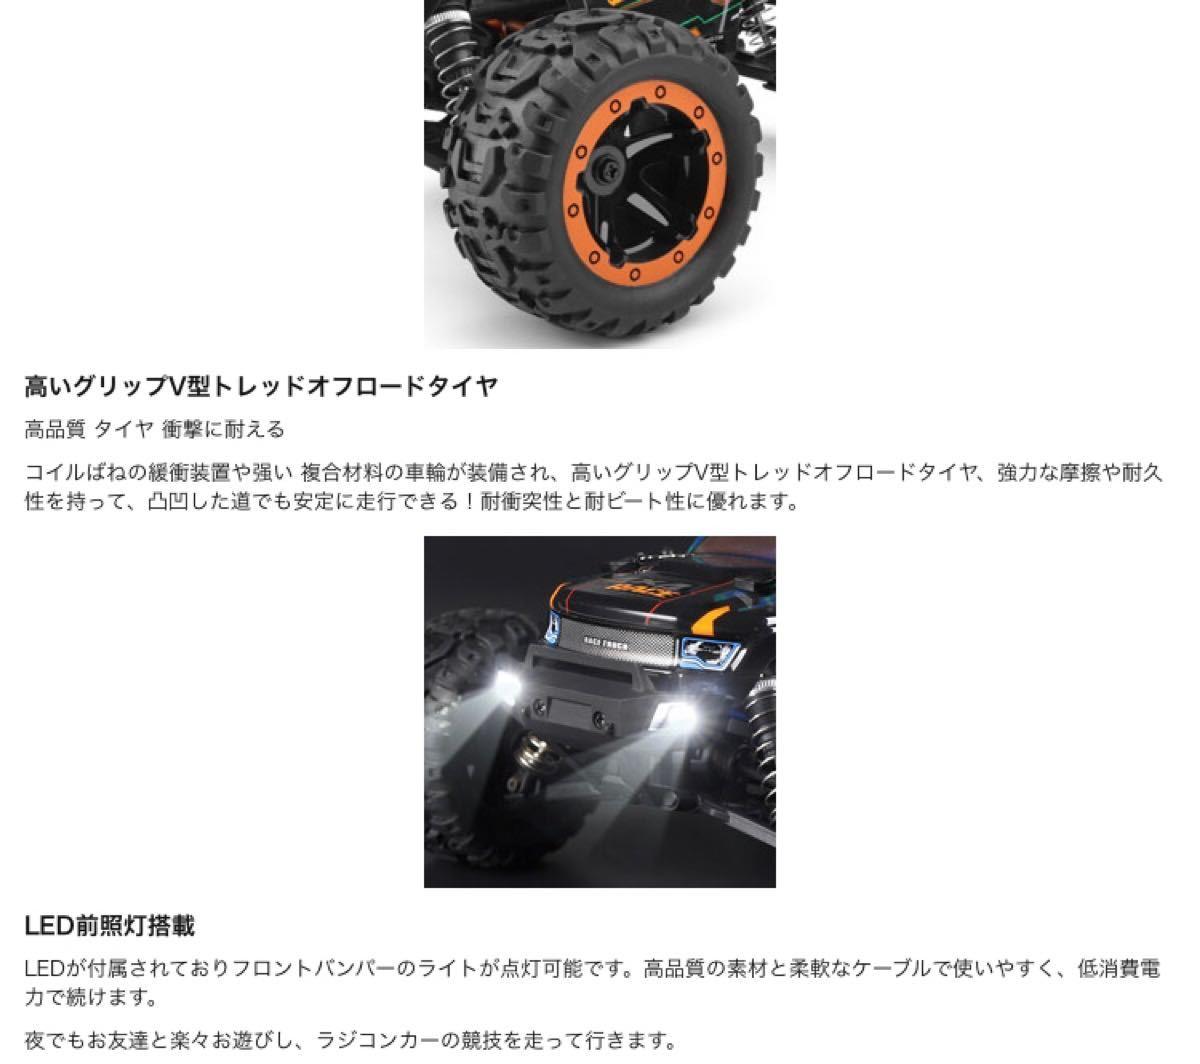 ラジコン カー オフロード 1/16 4WD RTR 電動RCカー40 km/h  リモコンカー 充電式 本格